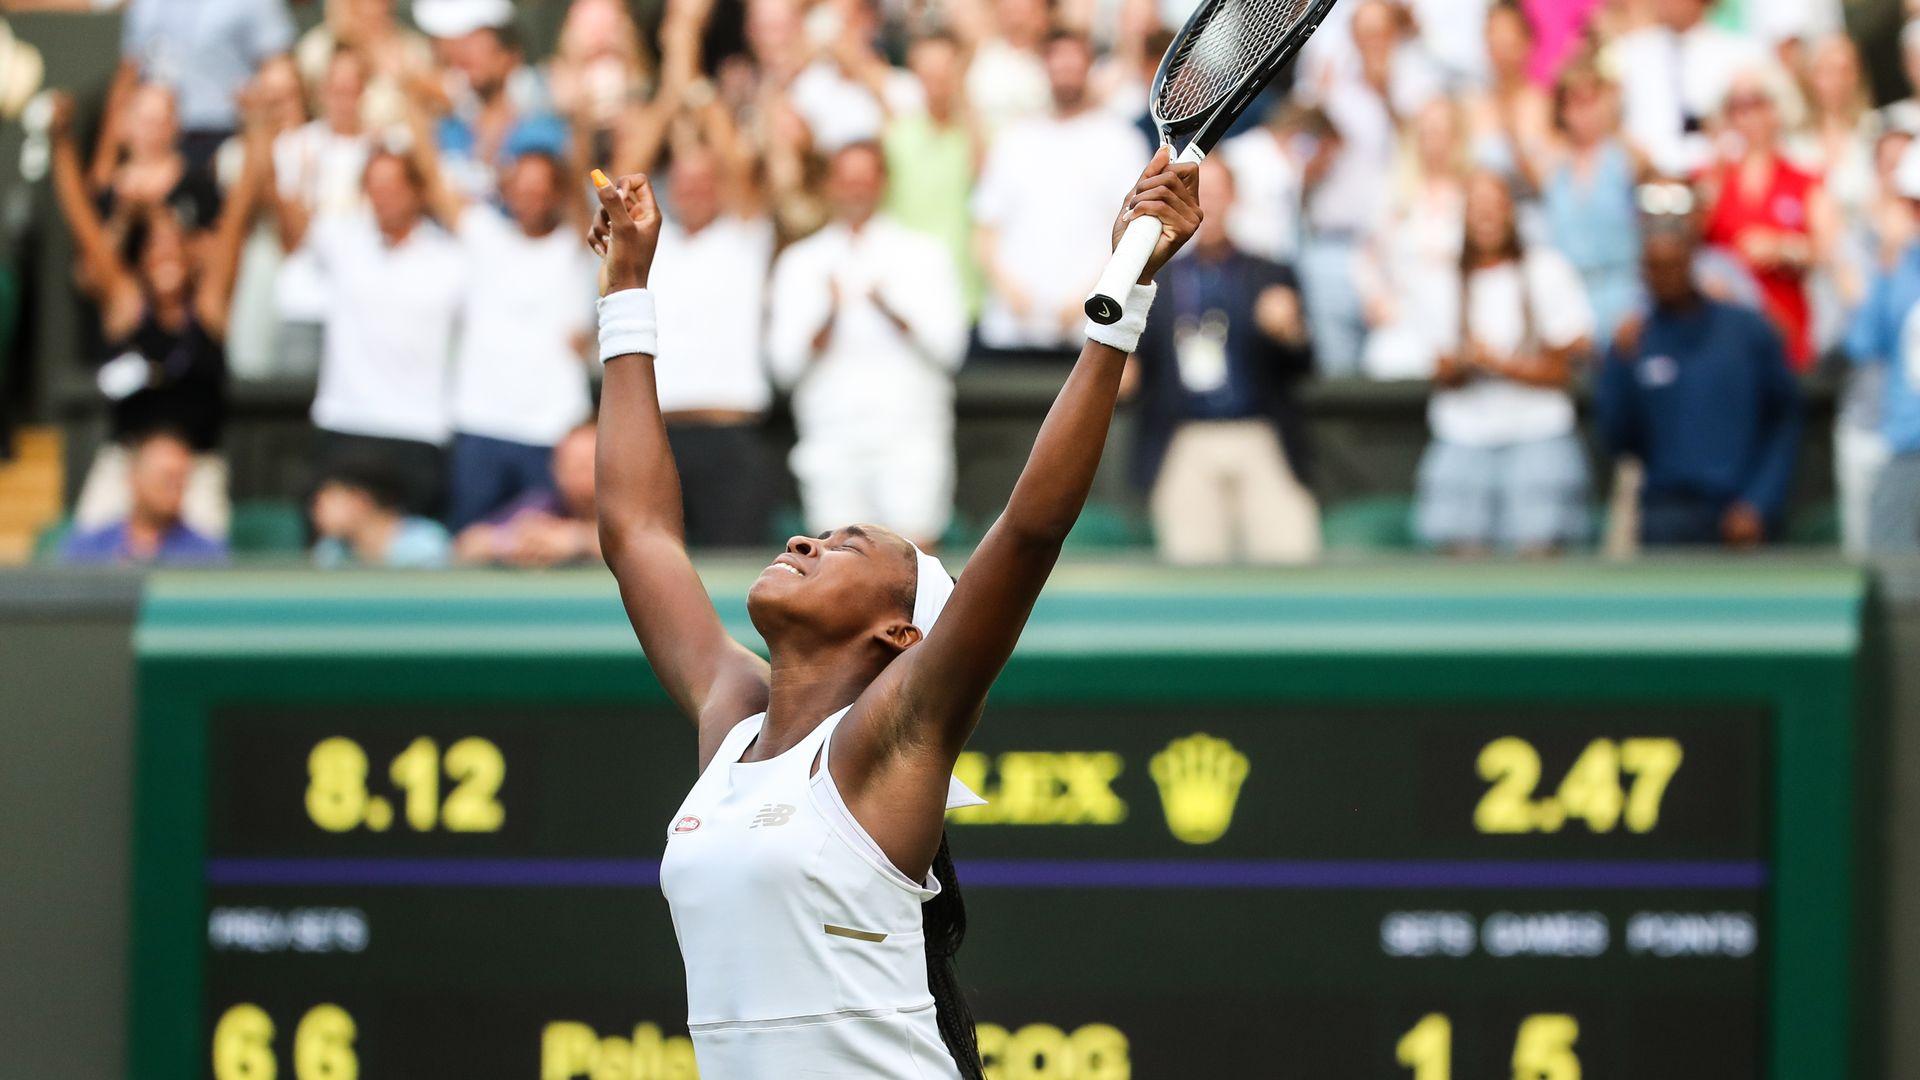 2cc1f08bf Why U.S. tennis player Cori 'Coco' Gauff, 15, is the talk of Wimbledon